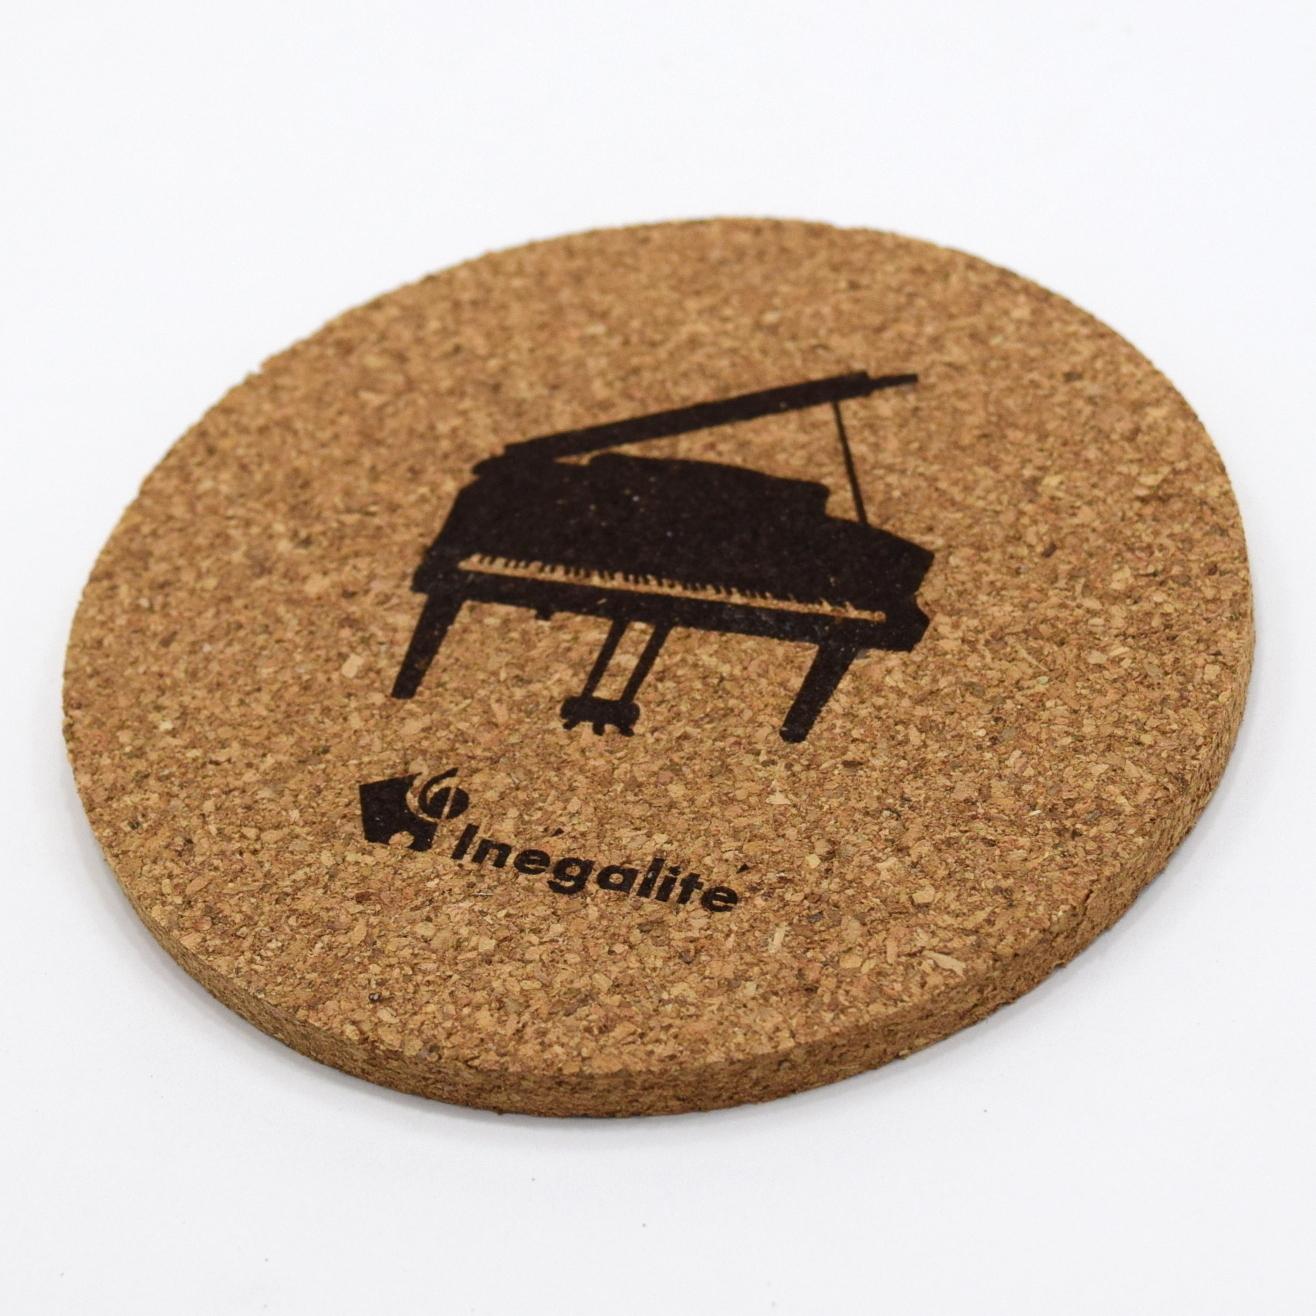 [単品]コルクコースター『ピアノ・ロゴ入り』 ~発表会記念品として♪~